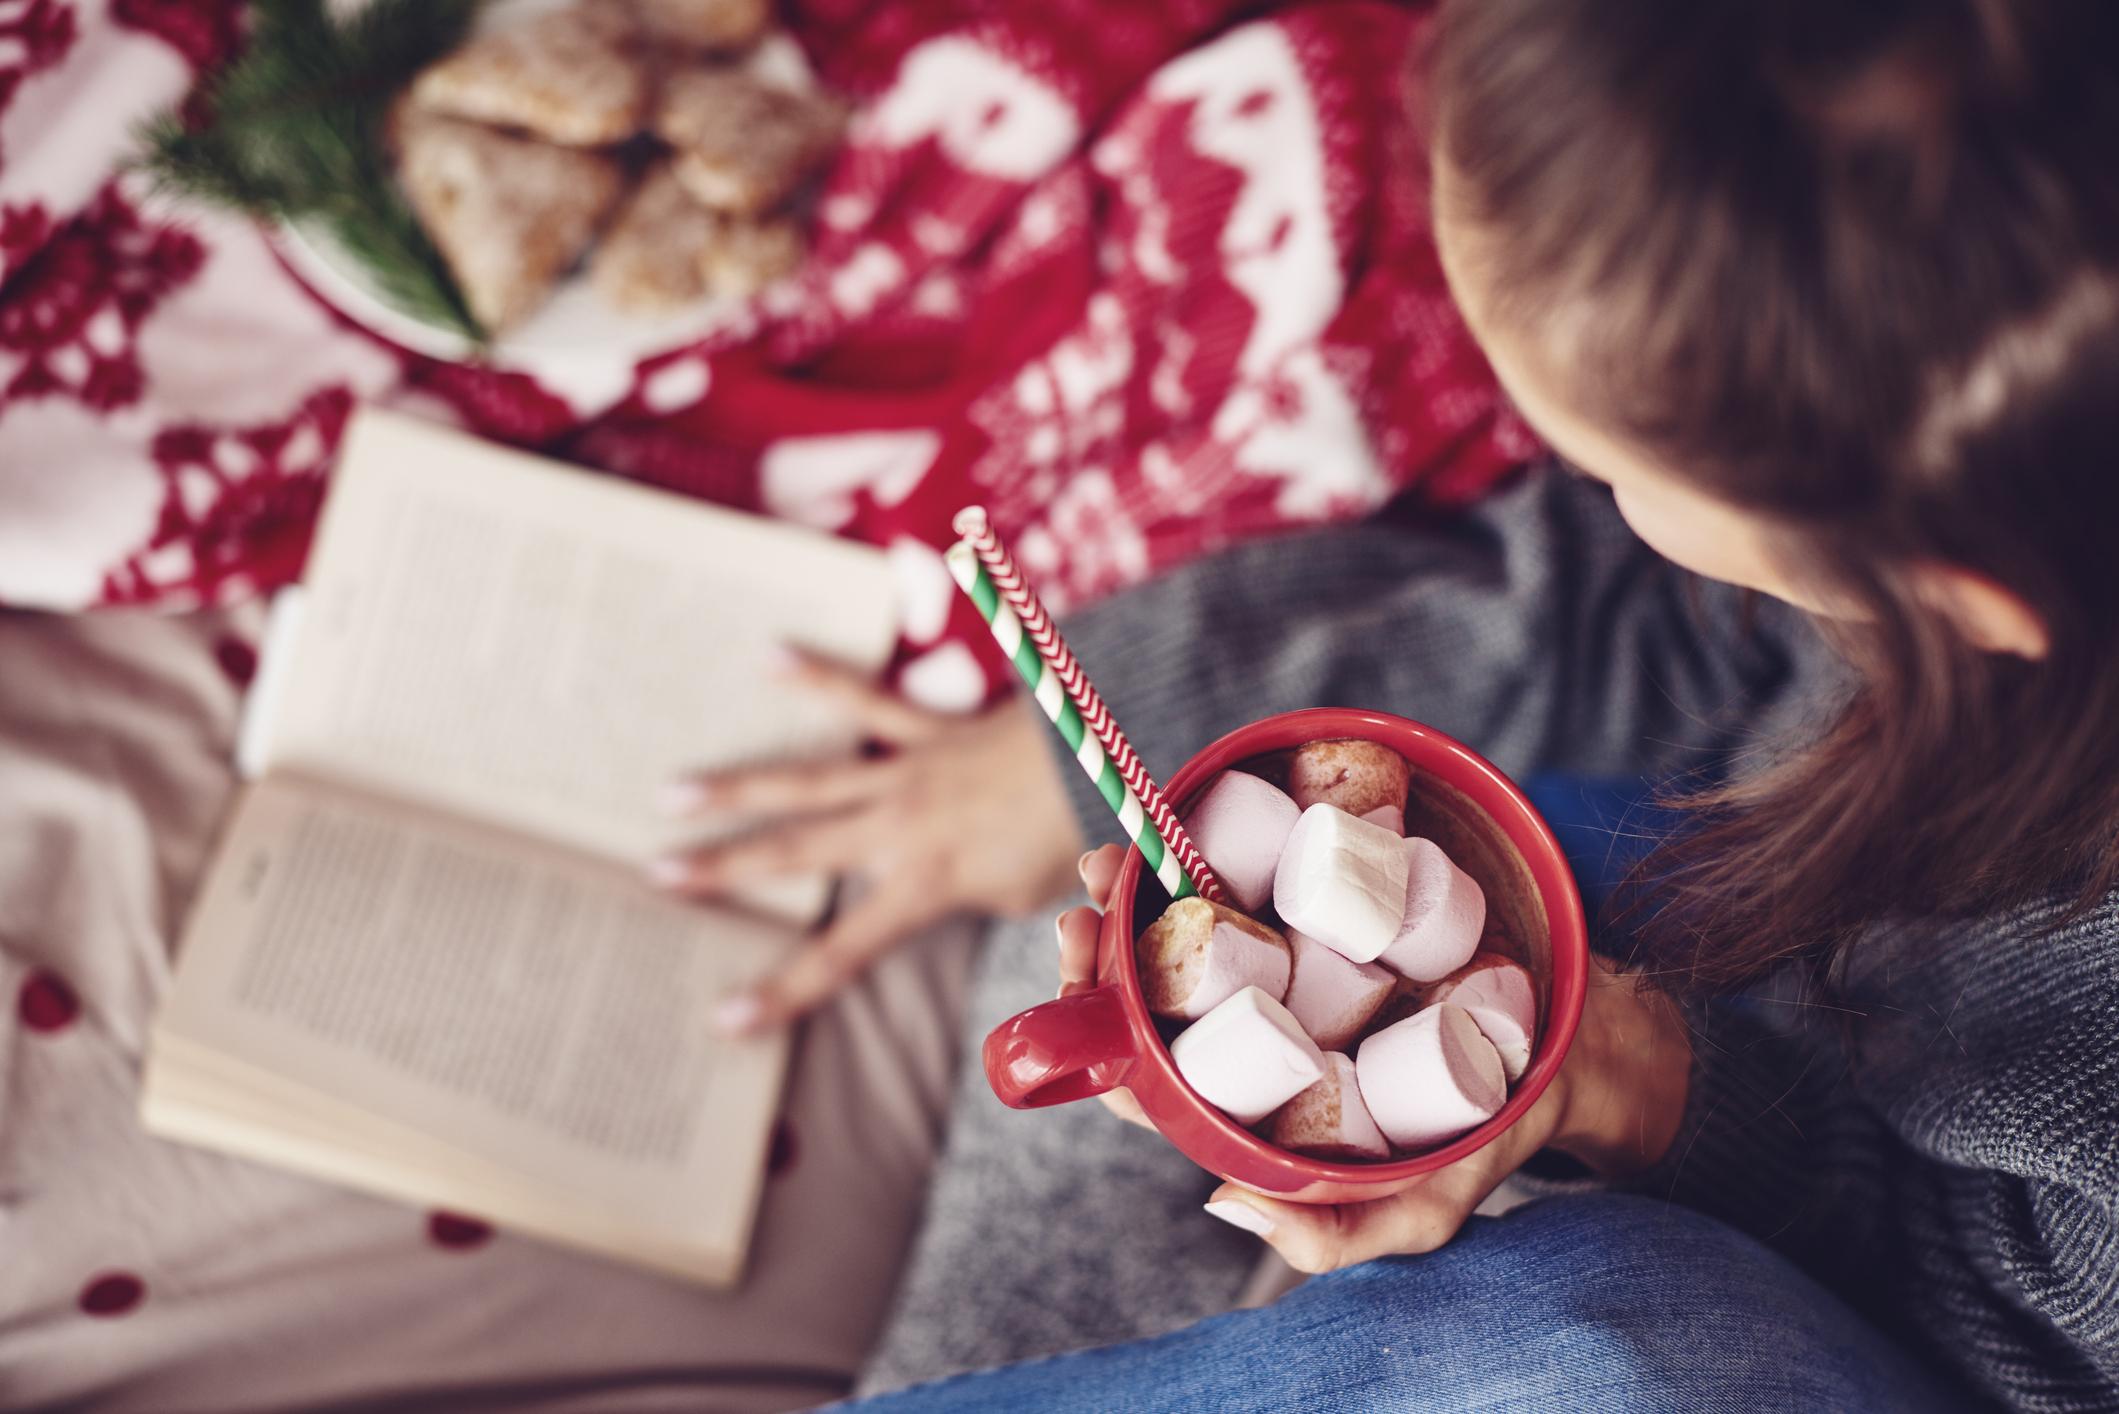 """2.<br /> Книгата се смята за много личен подарък. Чрез нея човекът, който я подарява, иска да каже на онзи, на когото я подарява: """"Това ми харесва и искам да го споделя с теб"""". Когато пък подаръкът е книга, за която онзи, който я получава, е говорил на човека, който я подарява, това показва способност да се вслушваш в другите."""